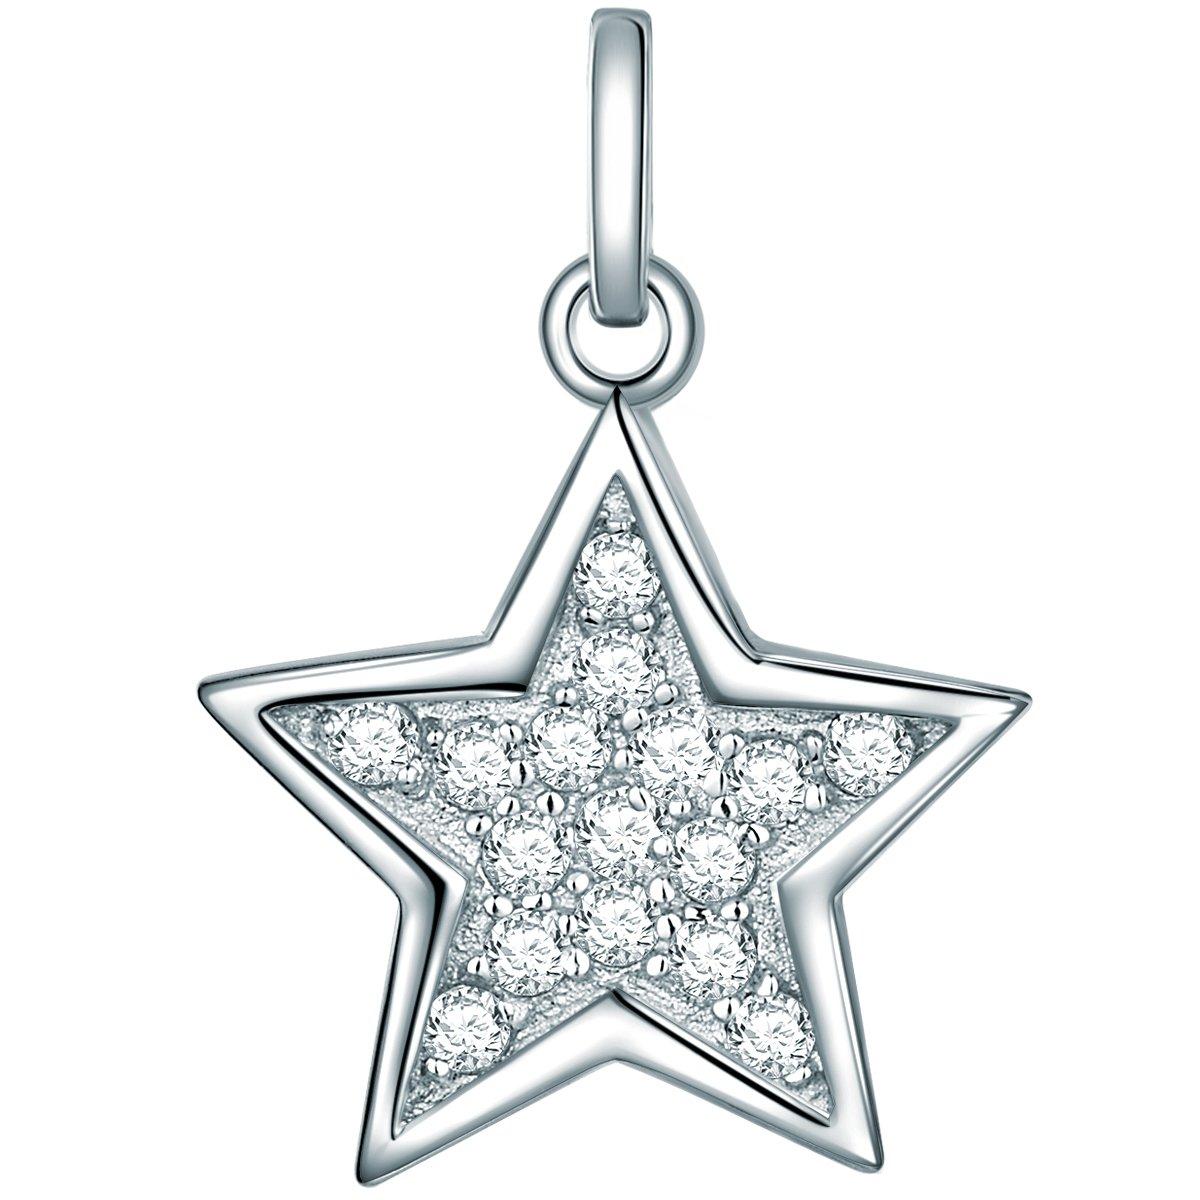 Rafaela Donata Damen-Anhänger Stern Zirkonia weiß 925 Sterling Silber - Damen-Schmuck in Stern-Form Ideal als Weihnachtsgeschenk 60837040 Classic Collection